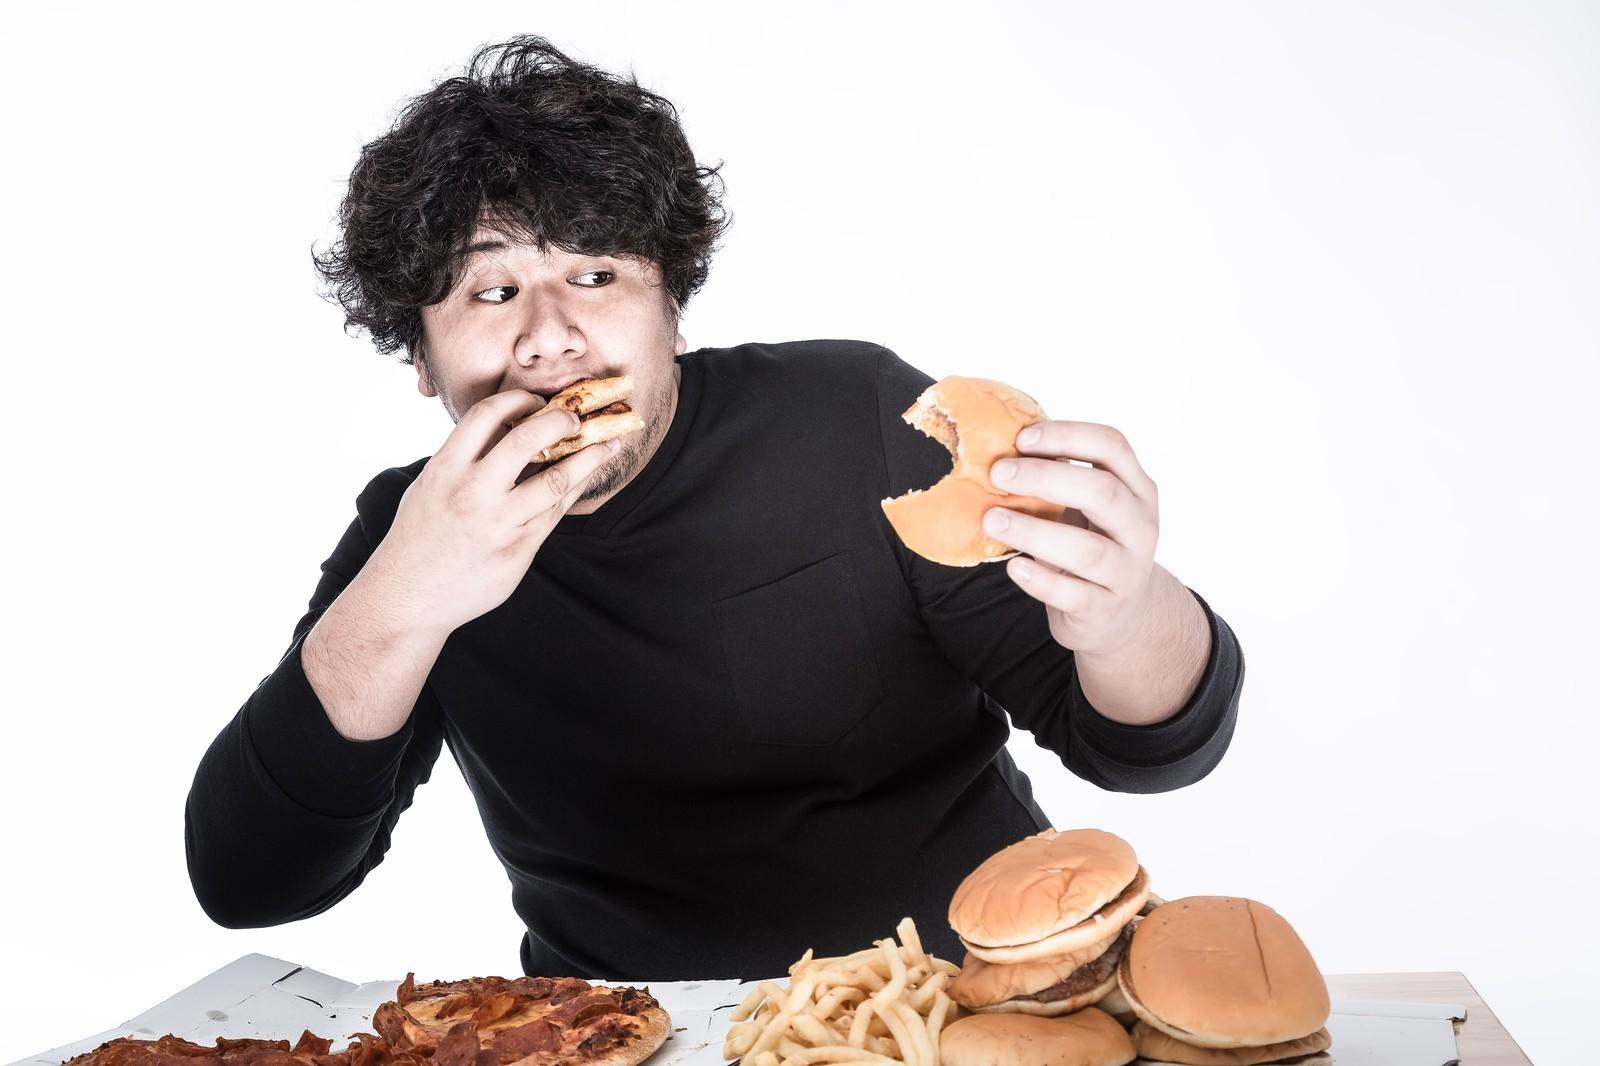 カロリーが高い食品はダイエットの大敵!注意すべき食べ物とは